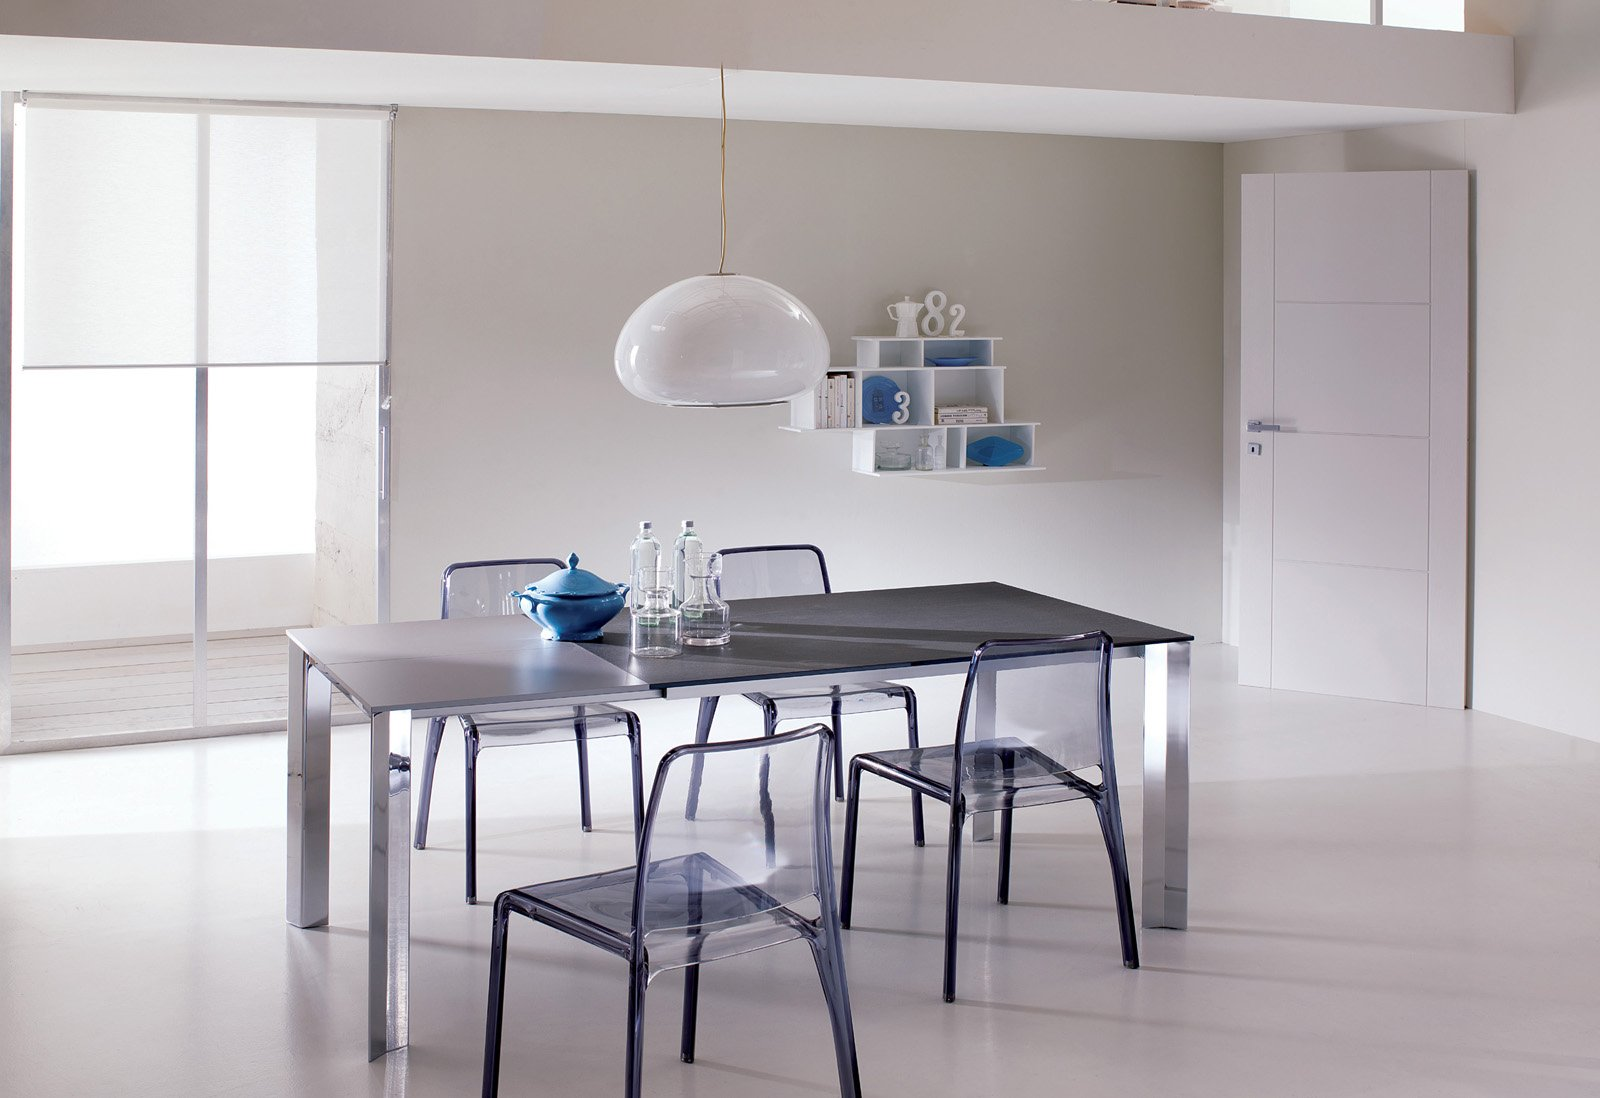 Tavoli e sedie per cucina o soggiorno cose di casa - Sedie da cucina prezzi ...